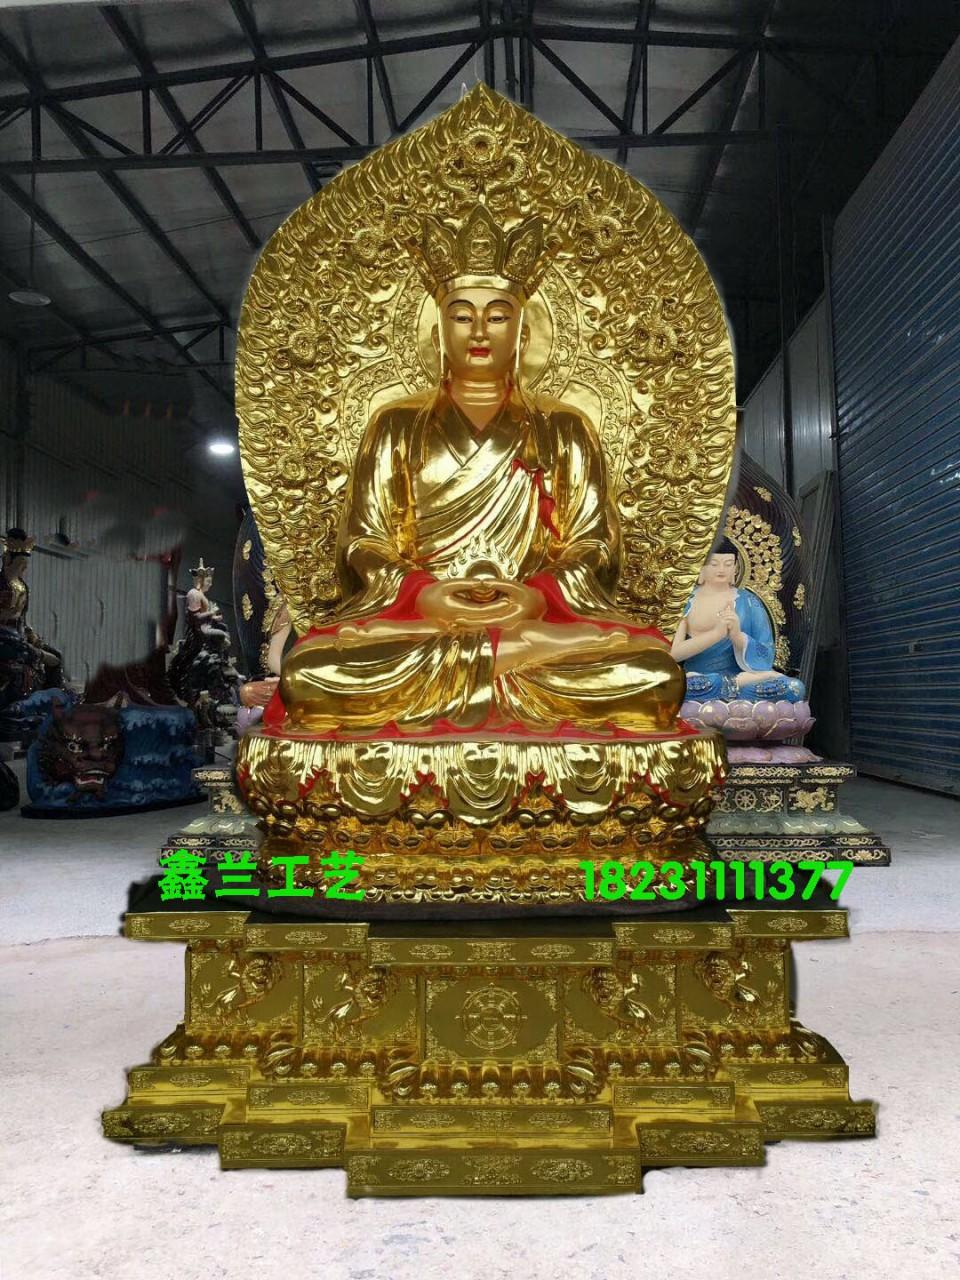 地藏王菩萨铜佛像、定做贴金铜佛像厂家-鑫兰铜雕